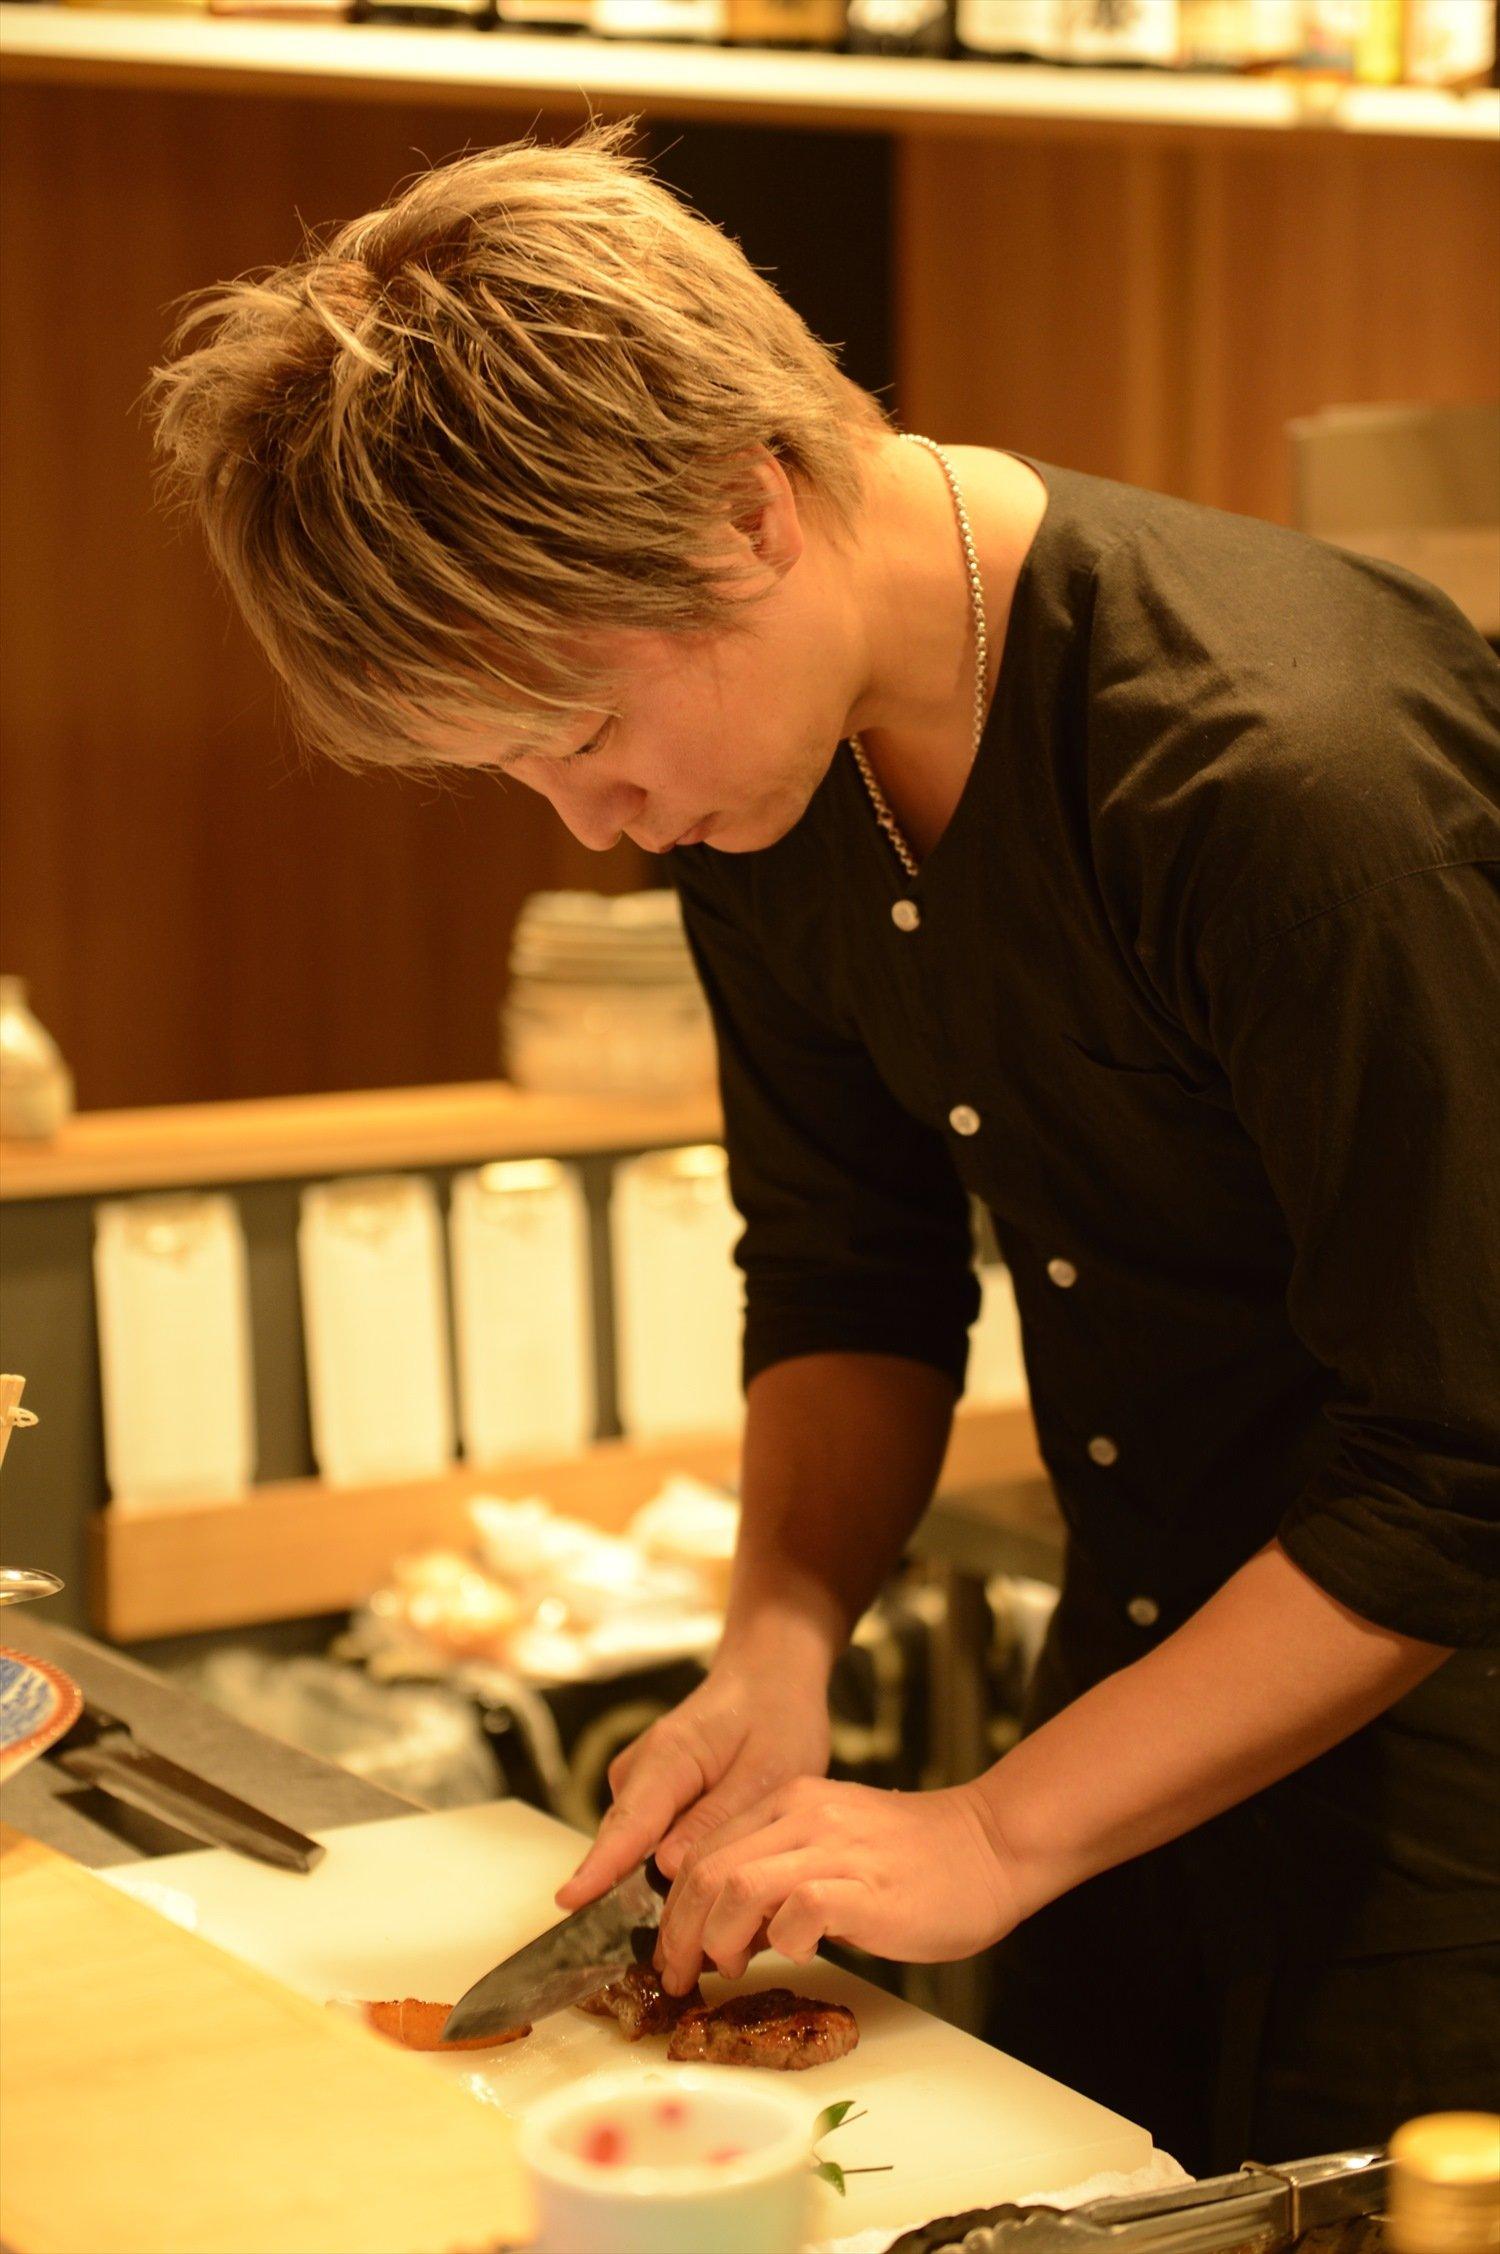 銀座の和食店やイタリアンで料理長を務めた田嶋さんは、唎酒師でもある。日本酒はいずれも120mlの値段。